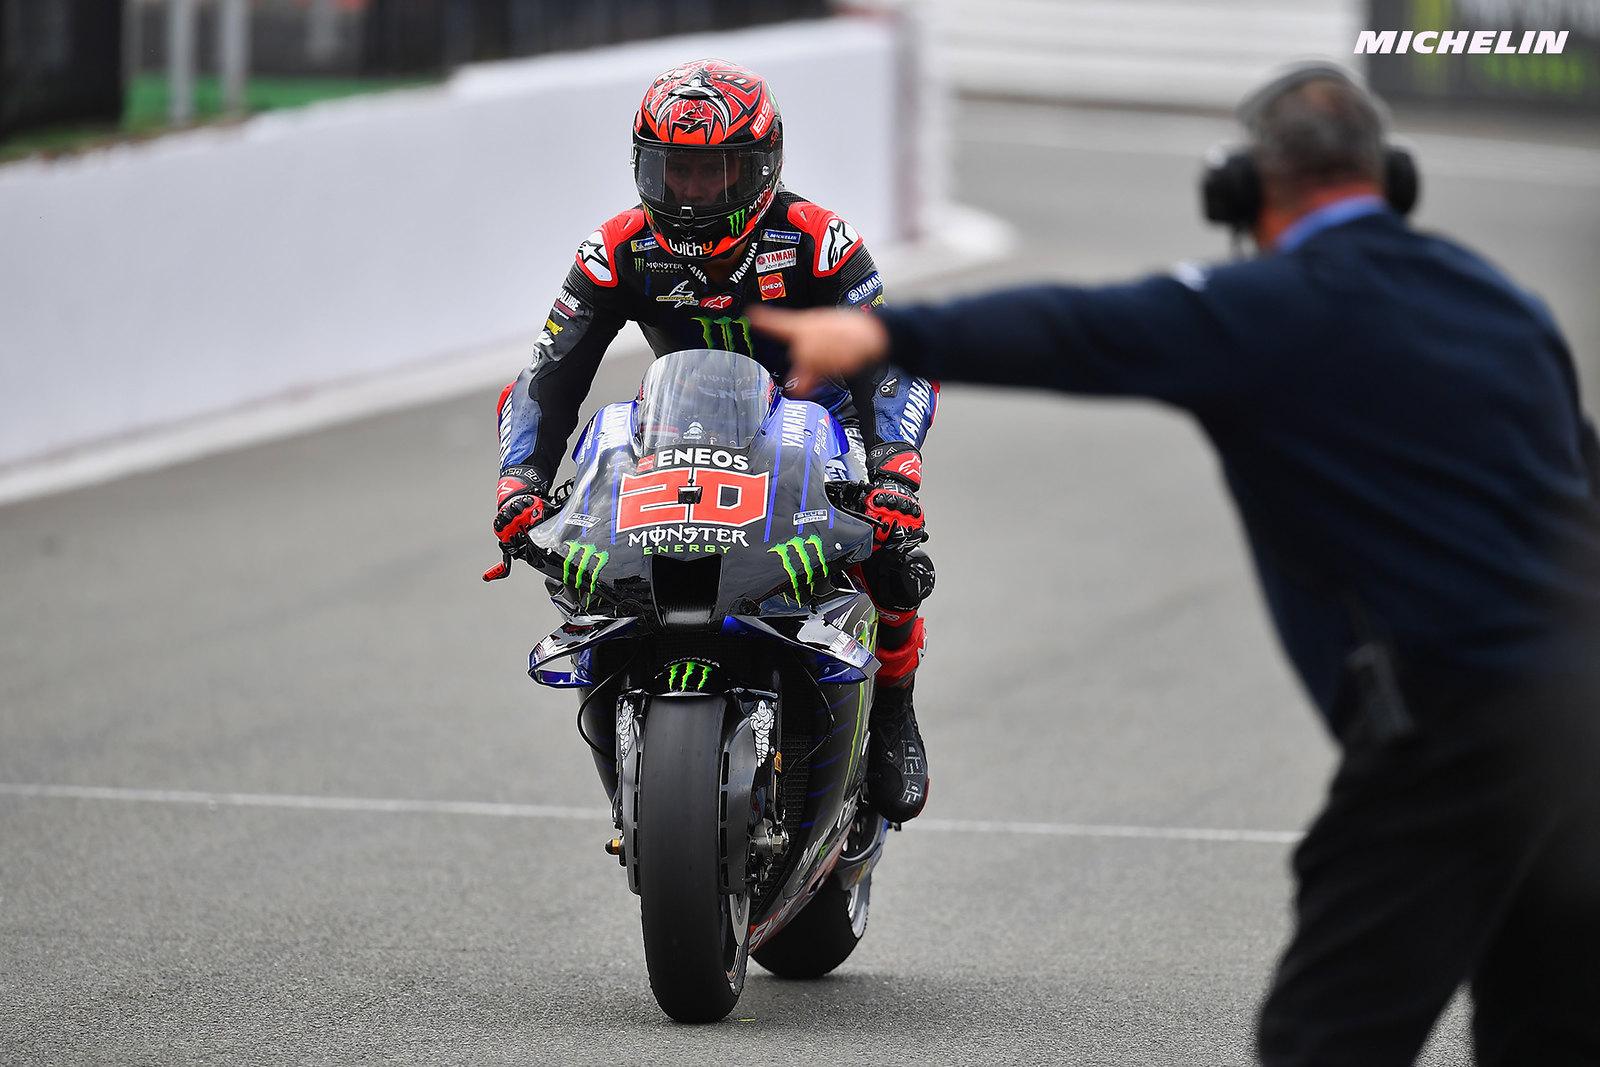 MotoGP2021イギリスGP 予選3位ファビオ・クアルタラロ「予選でリアの感触がイマイチだった」